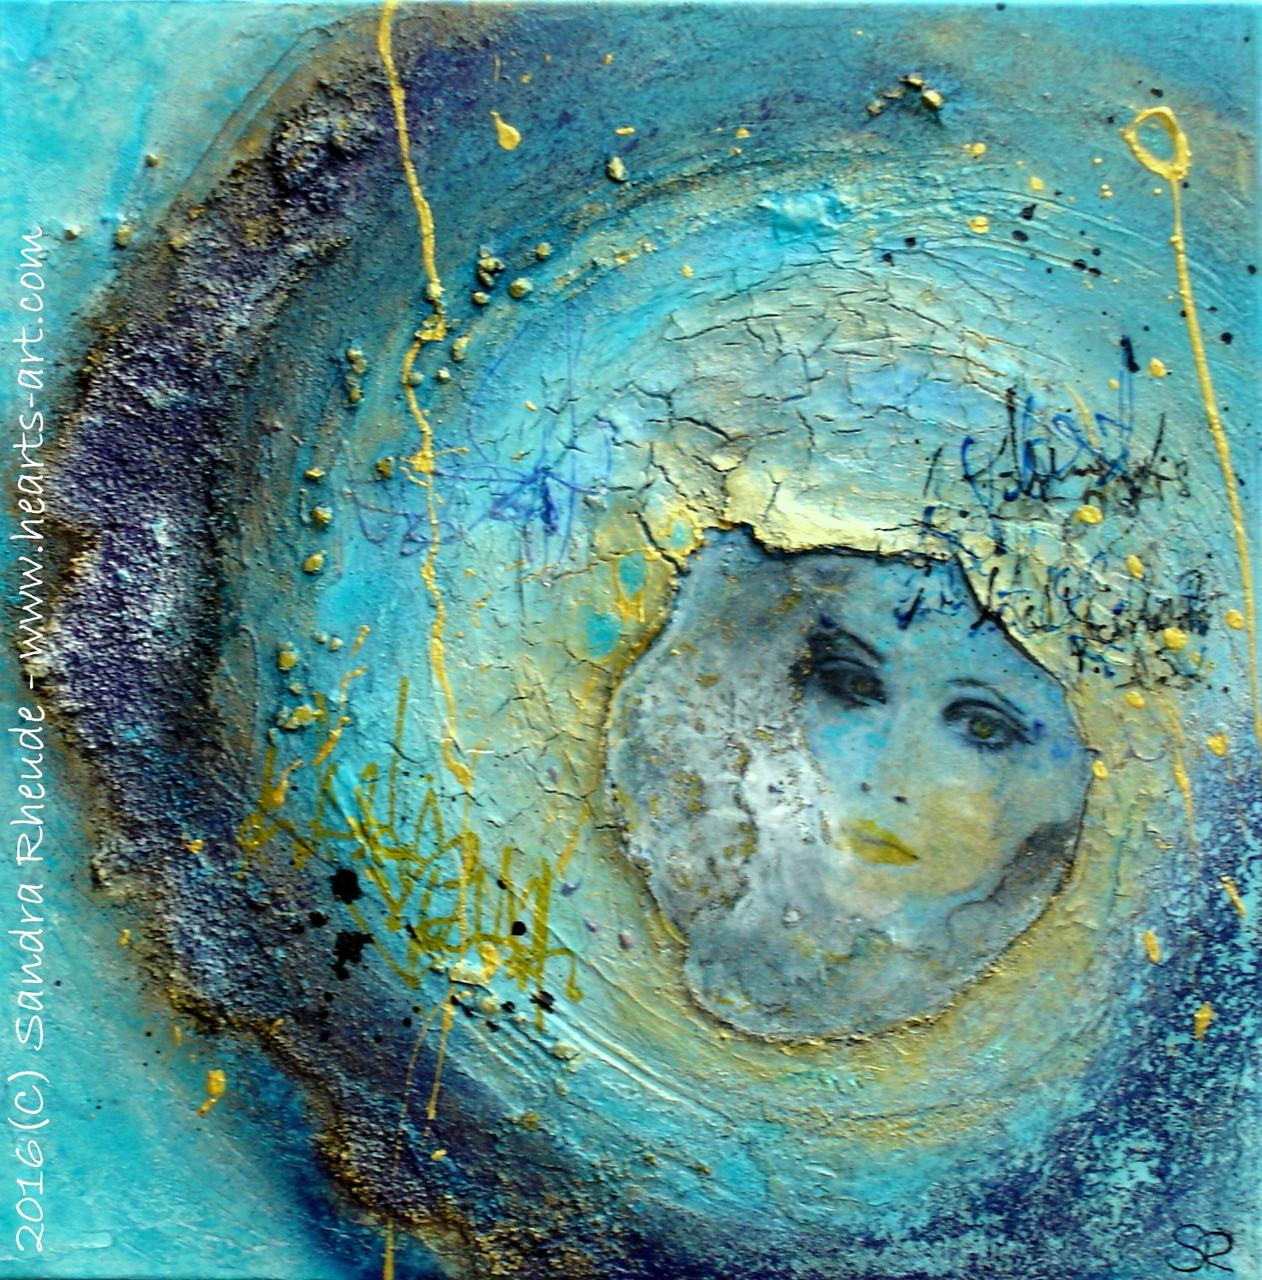 'Sehnsucht der Mondfrau' - 2016/5 - Acryl/MixedMedia auf Leinwand - 40 x 40 cm - 4 cm Tiefe - € 330